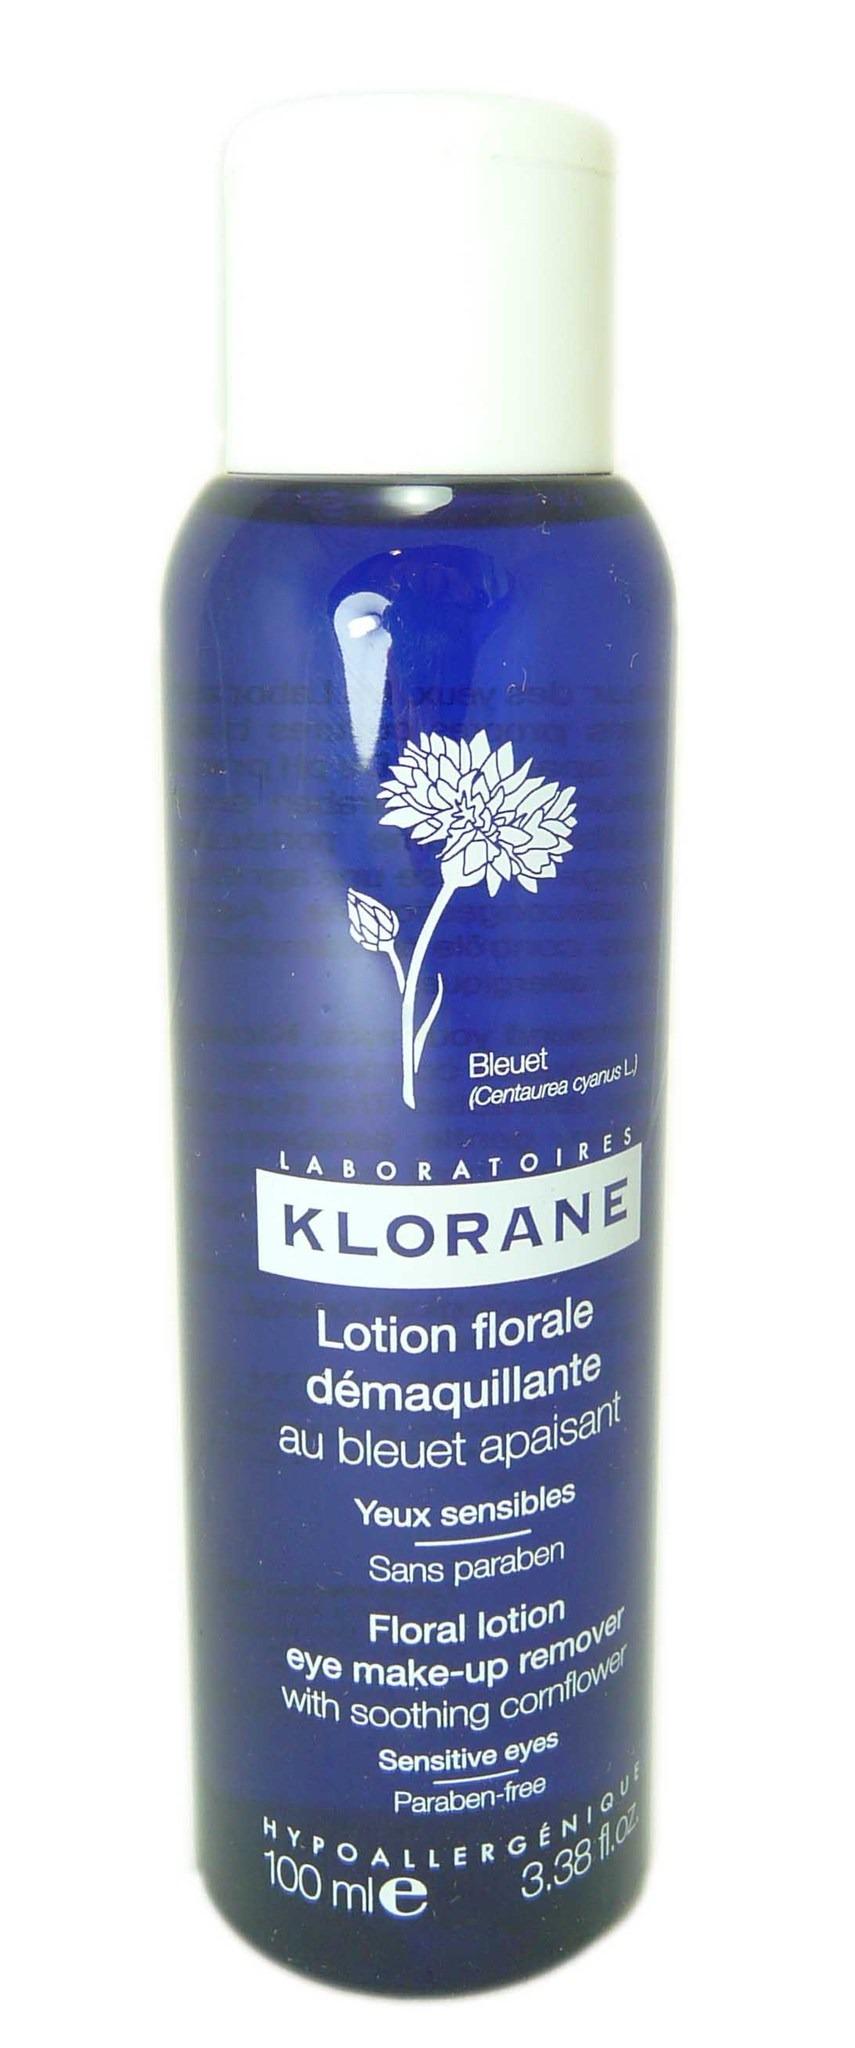 KLORANE SOINS DES YEUX AU BLEUET Lot florale démaquillante Fl/100ml